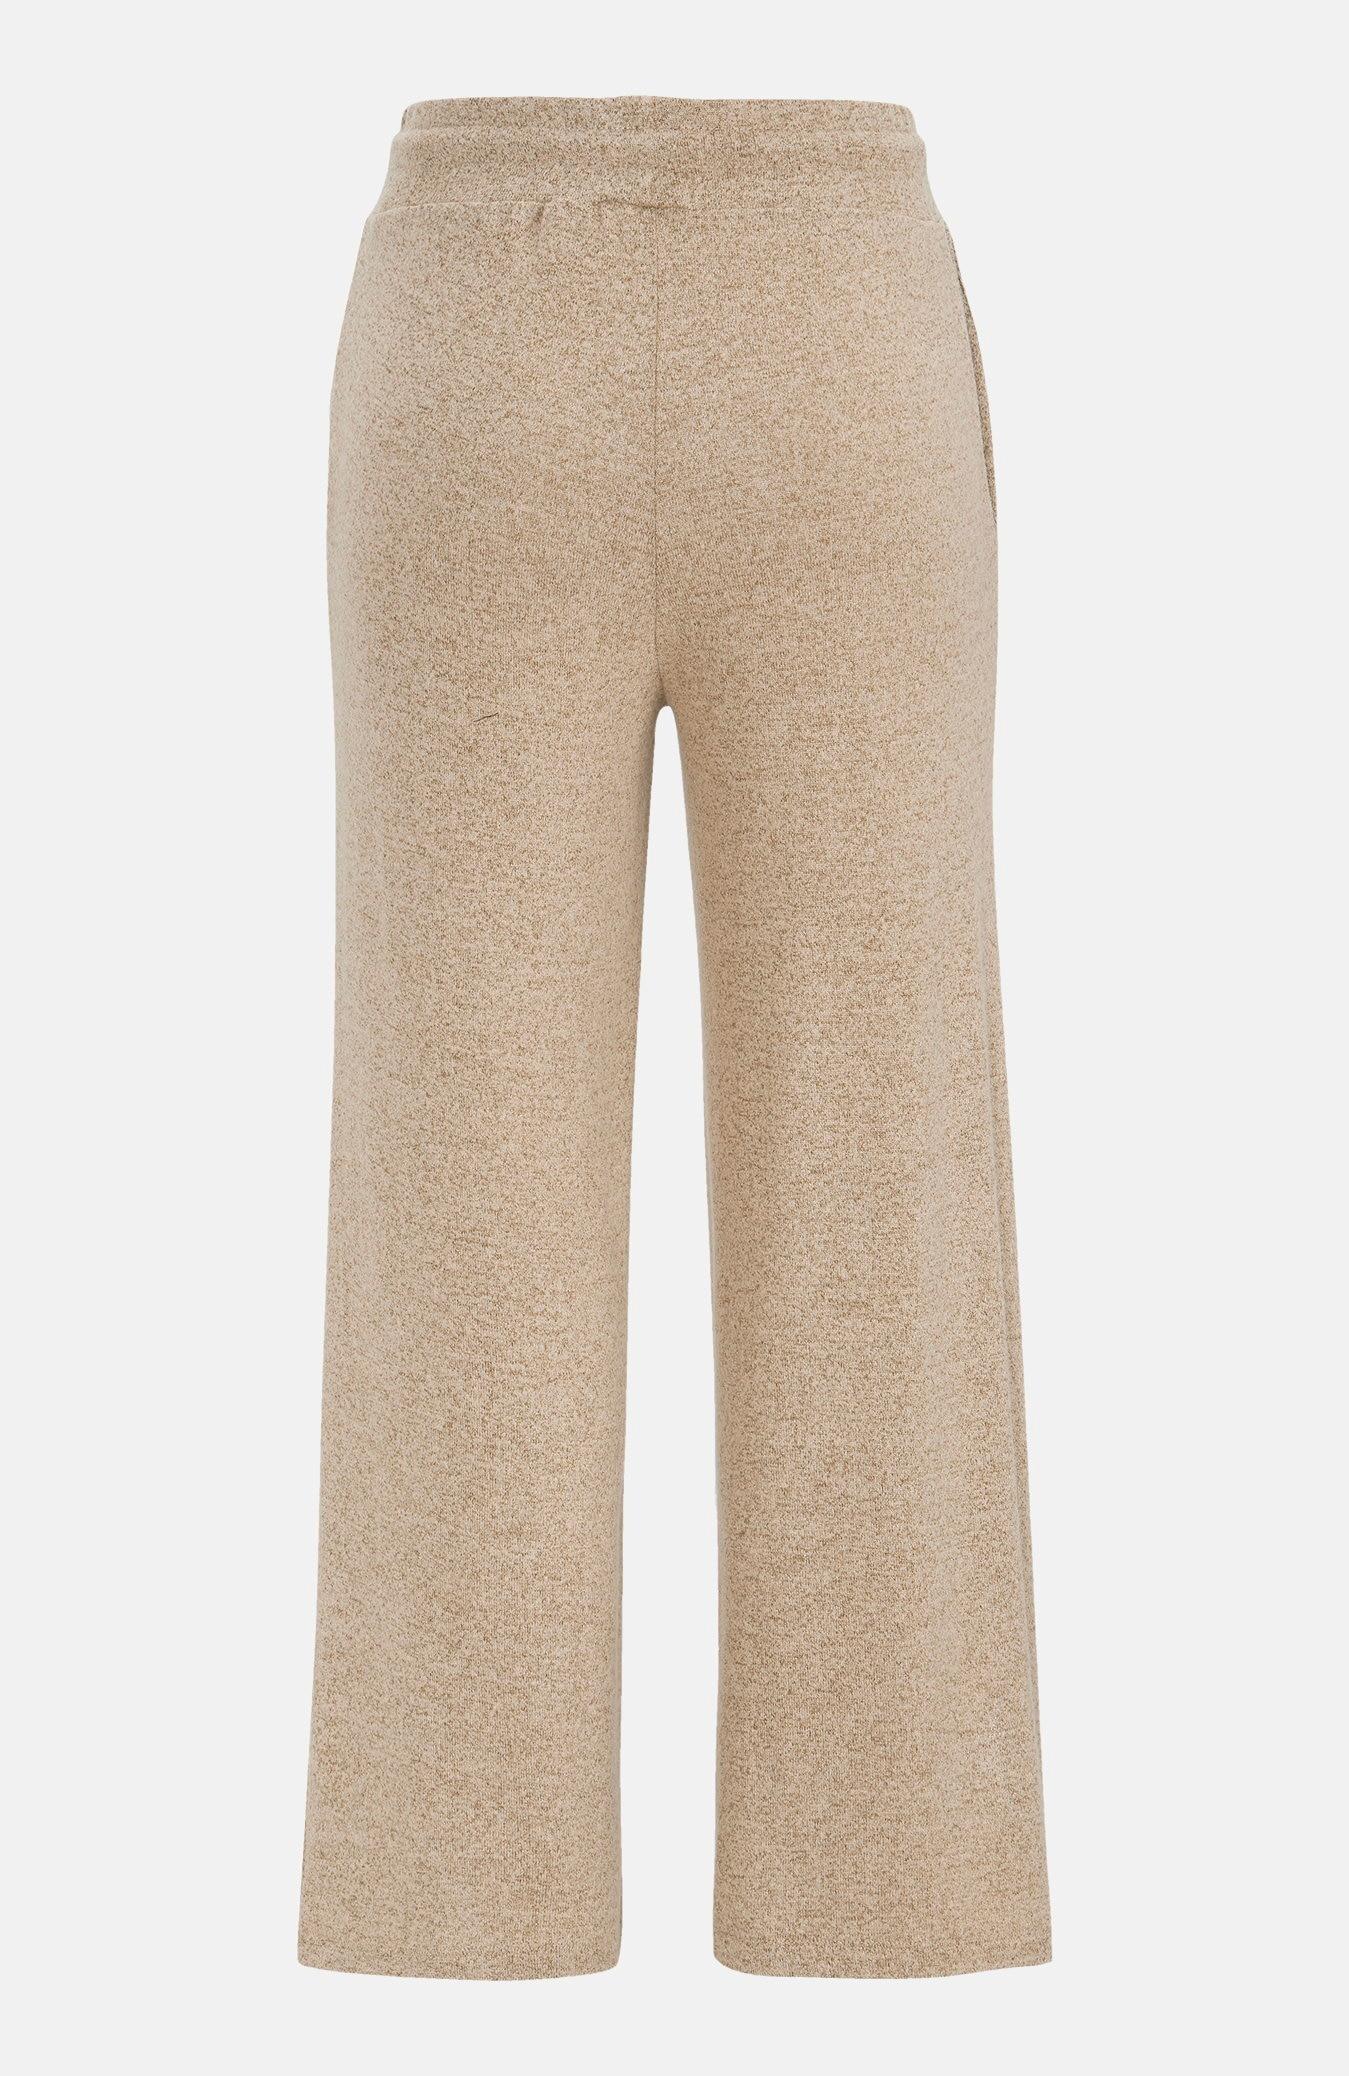 Bardzo miękkie spodnie Biara